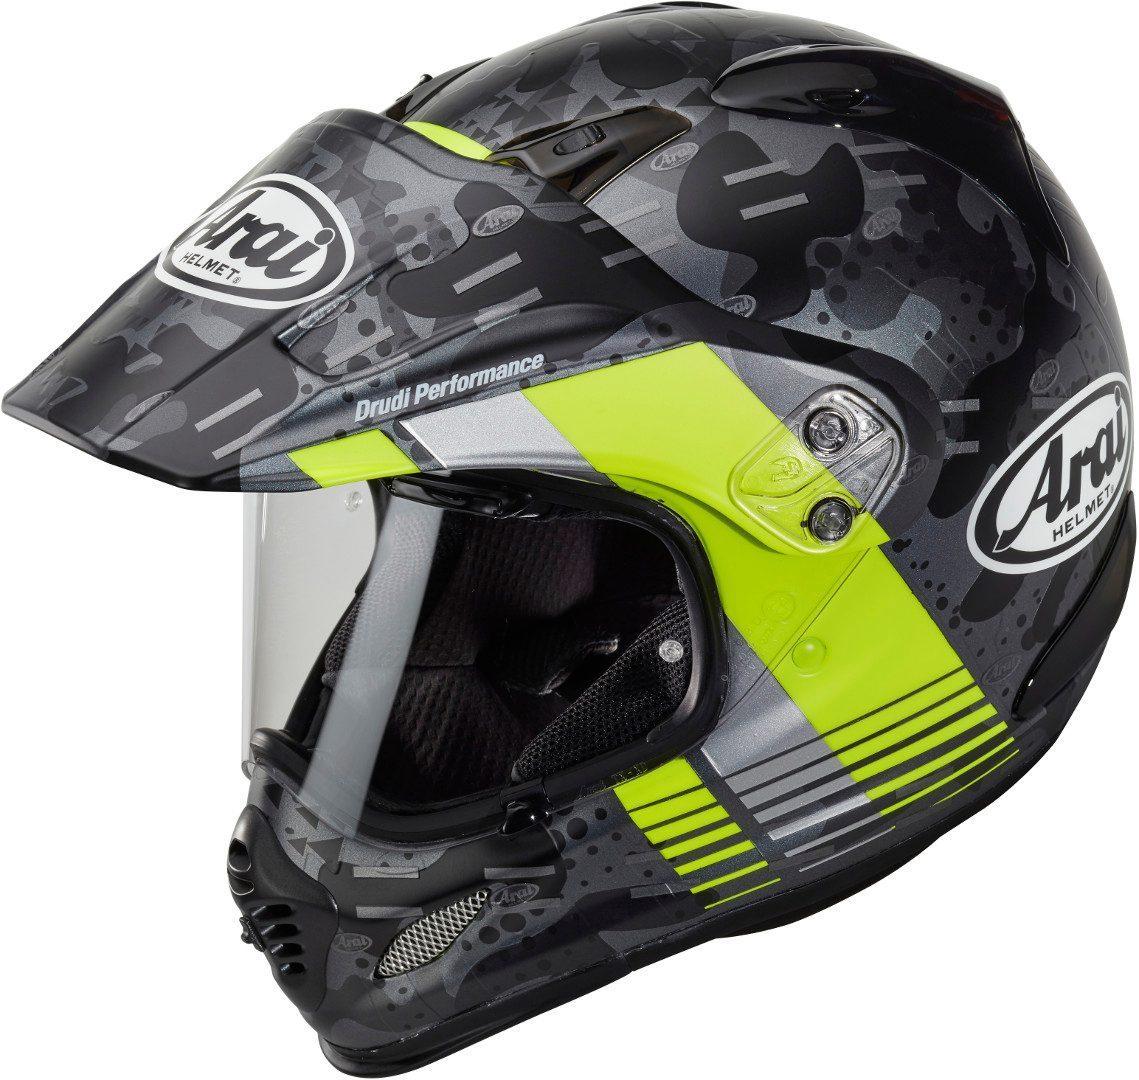 Arai Tour-X4 Cover Motocross Helm, grau-gelb, Größe XS, grau-gelb, Größe XS